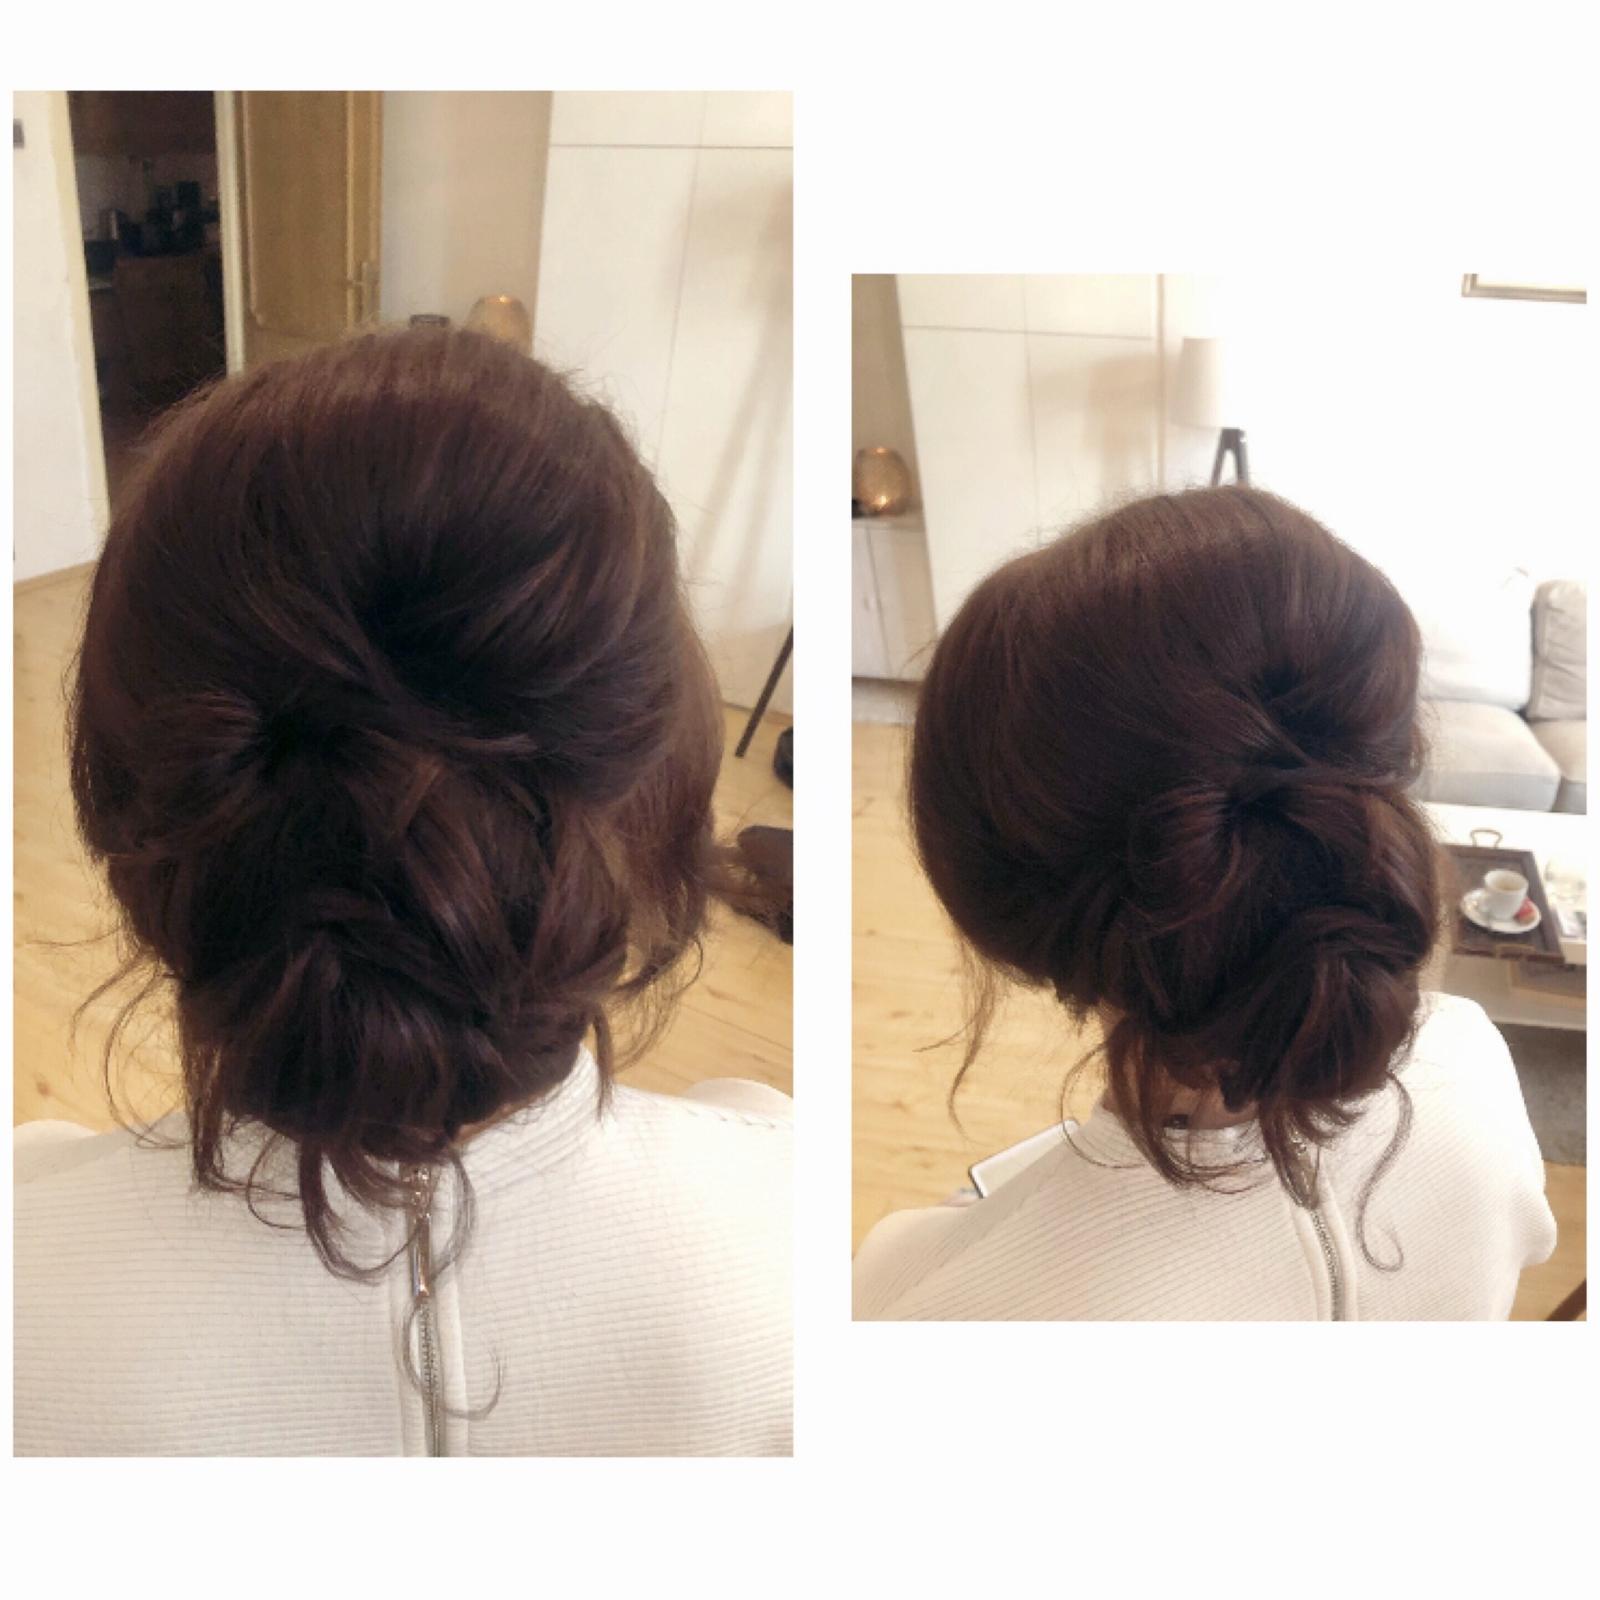 Wedding hairstyle 2019 💄 - Obrázek č. 9